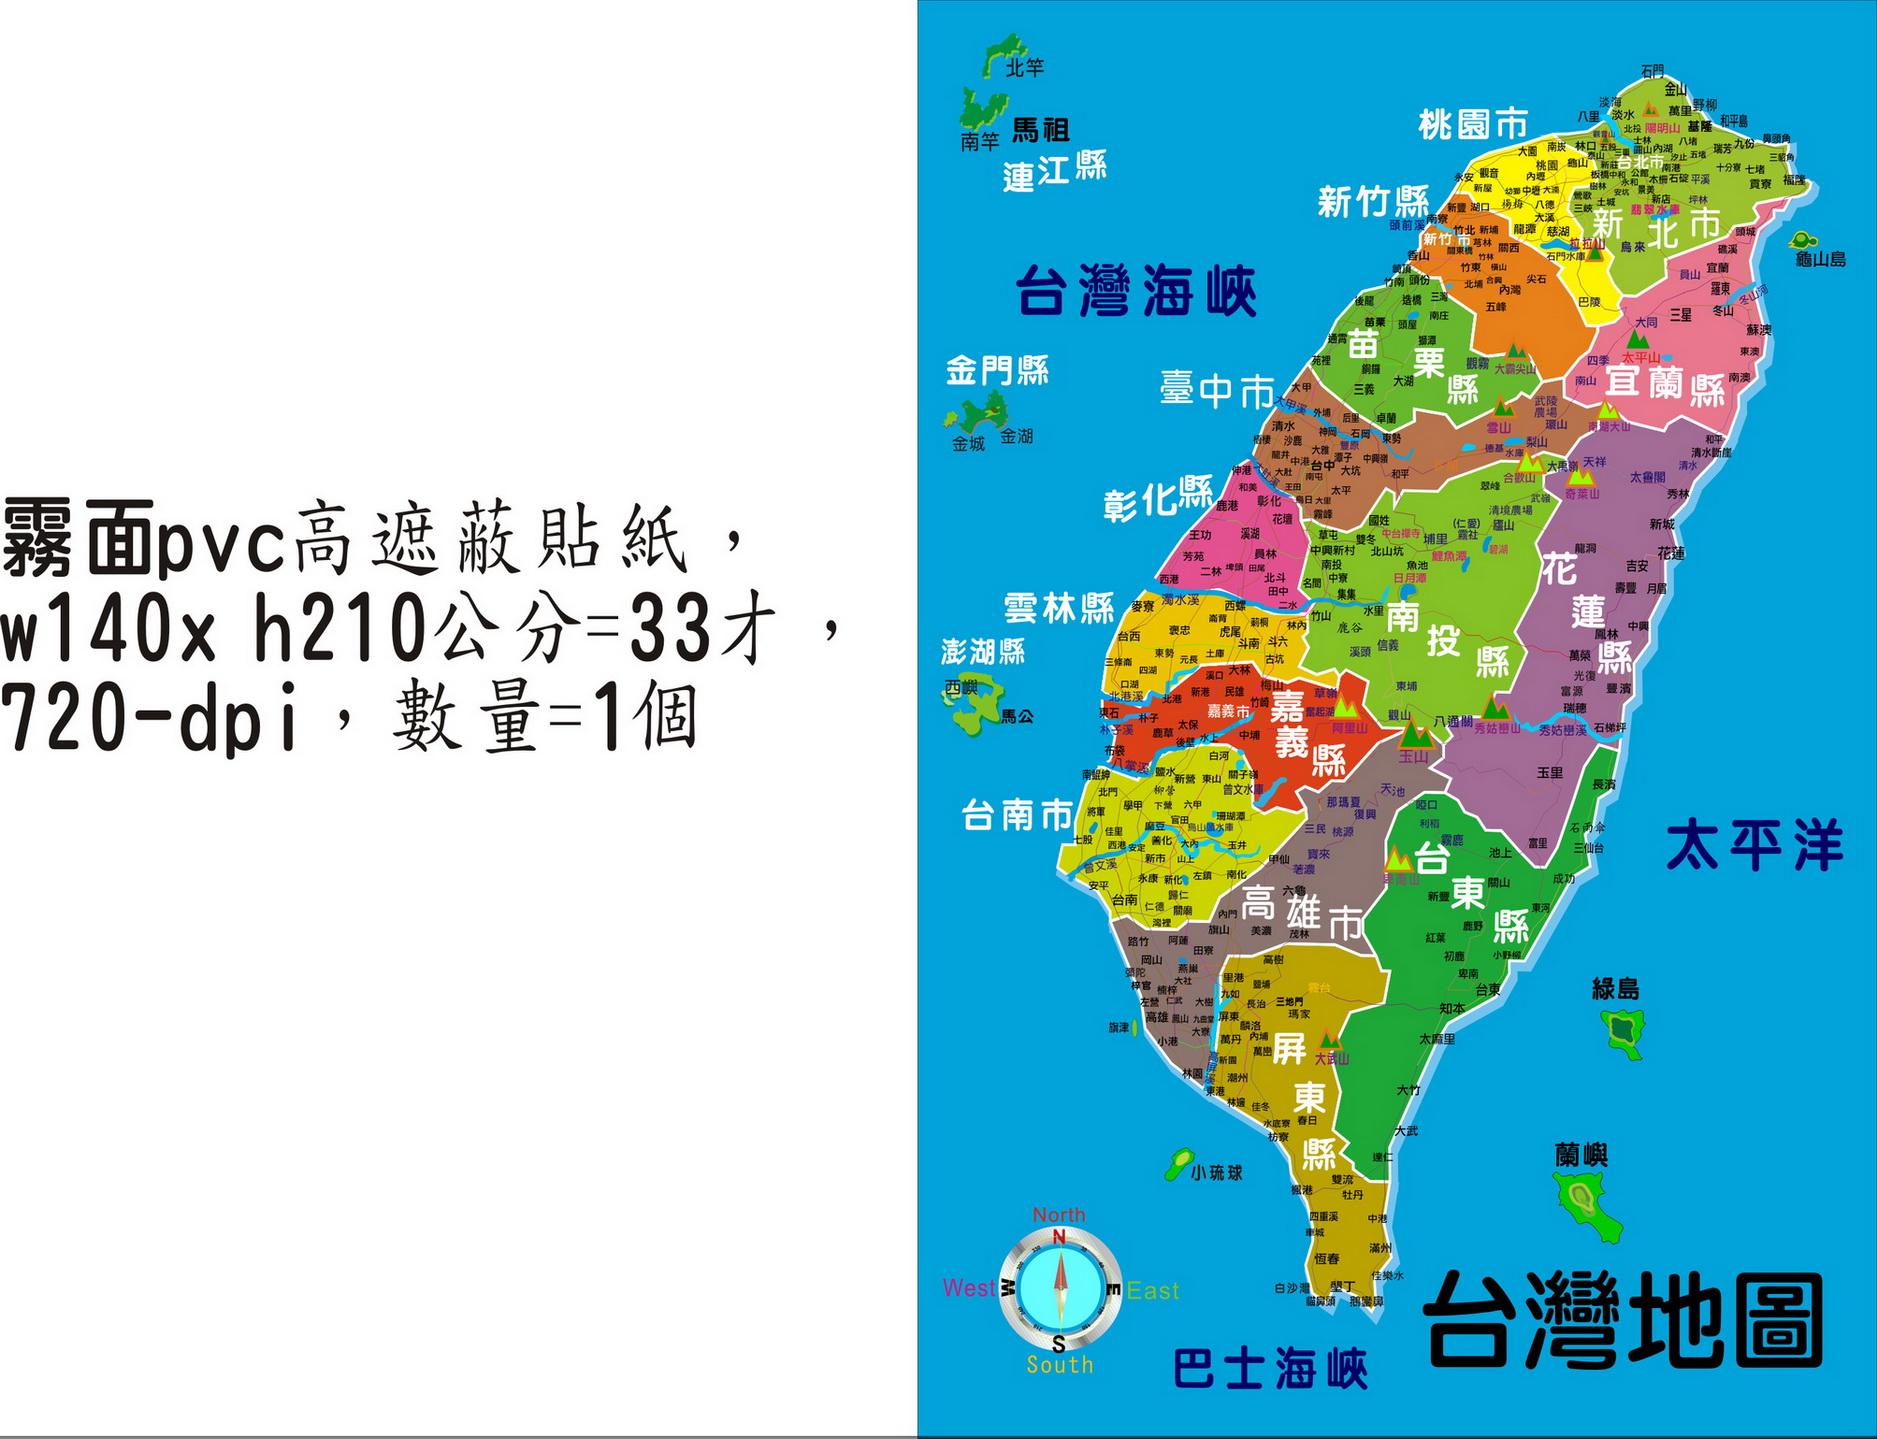 世界 地圖 海報 中文 版